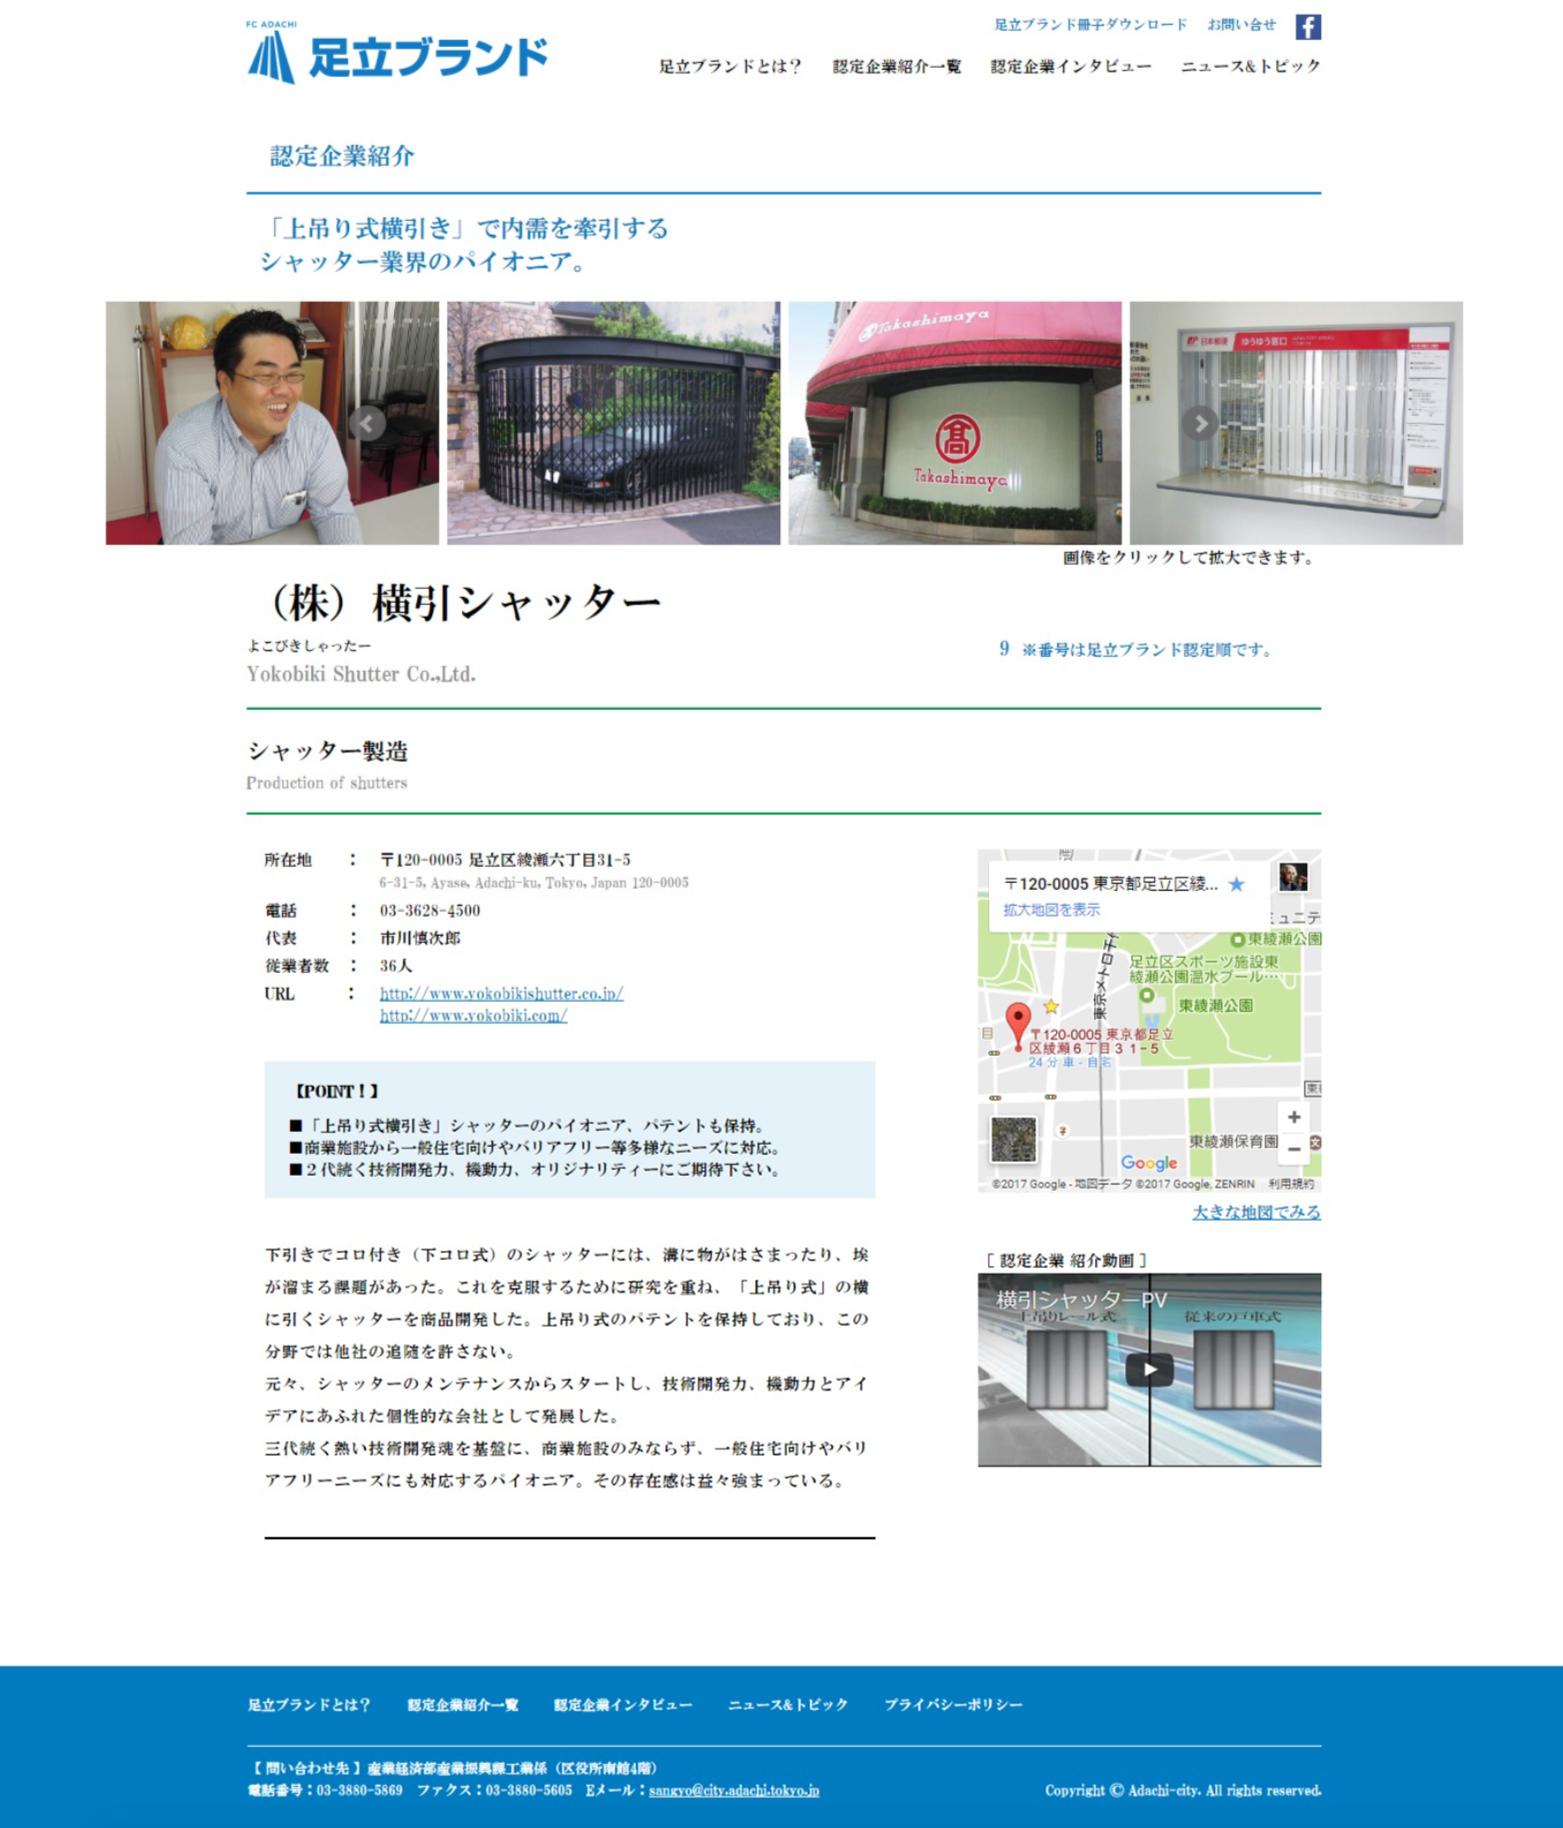 2017年4月足立ブランド認定企業紹介